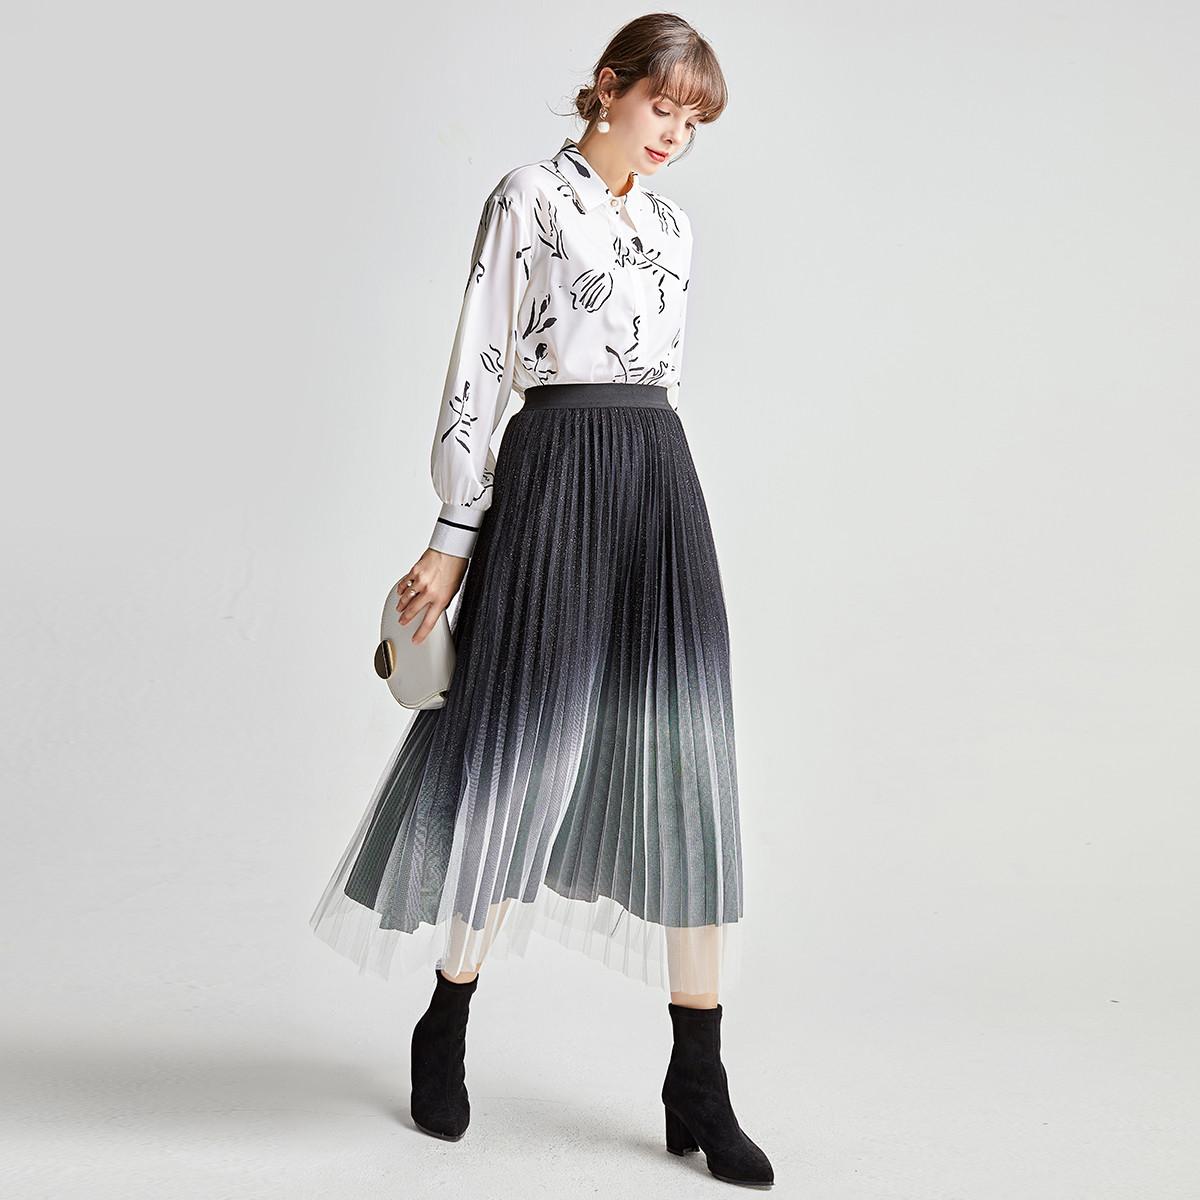 十大女装品牌戈蔓婷女装 为大家揭秘如何开女装店